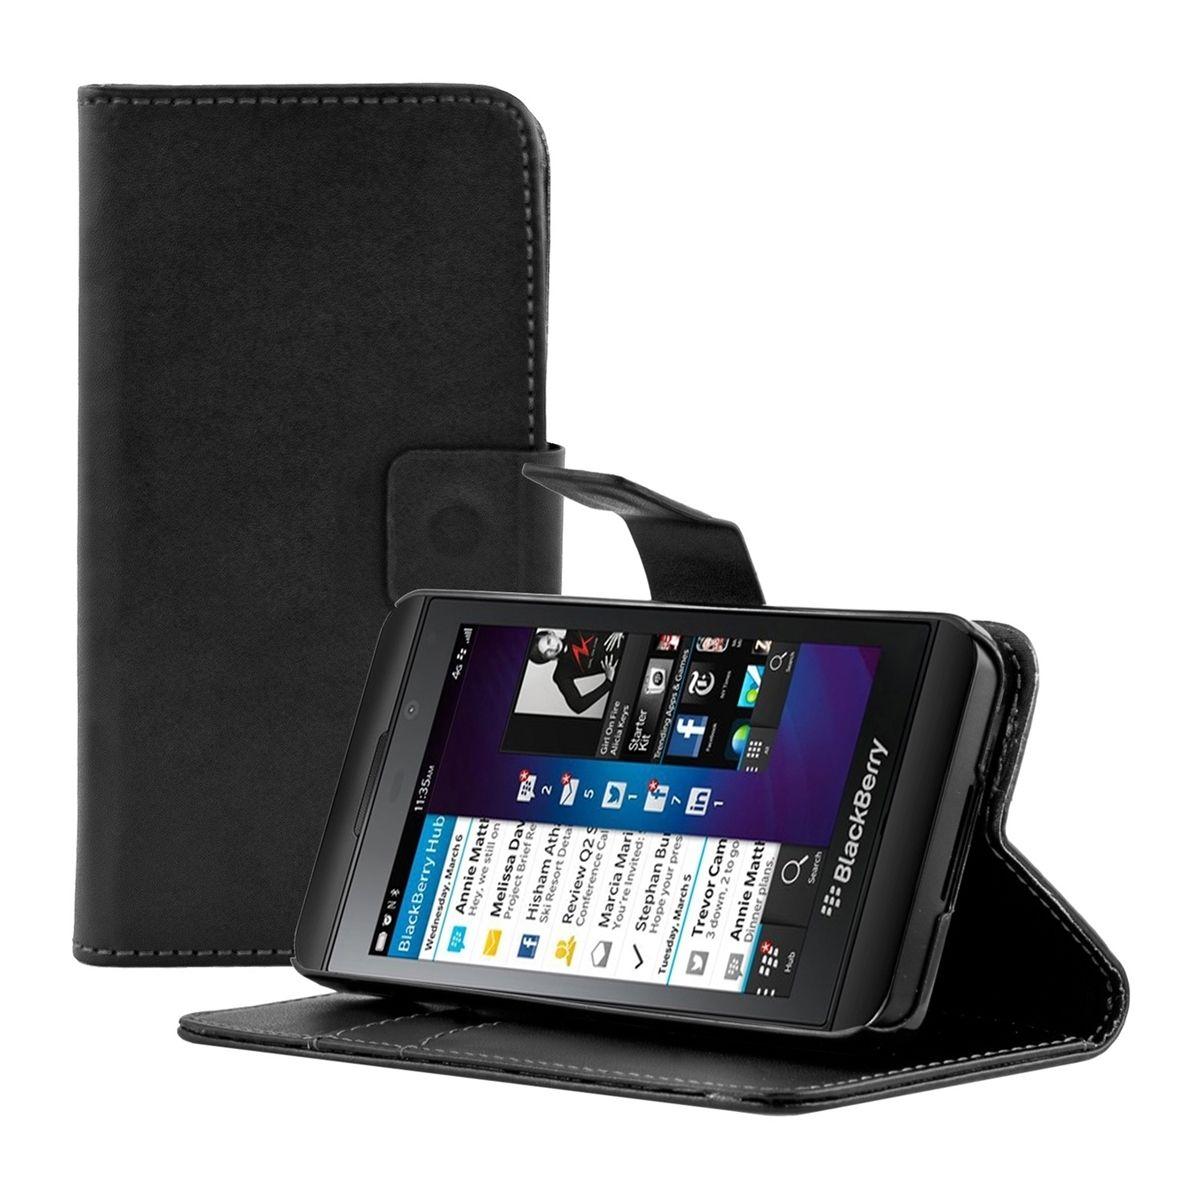 Pouzdro pro BlackBerry Z10 černé